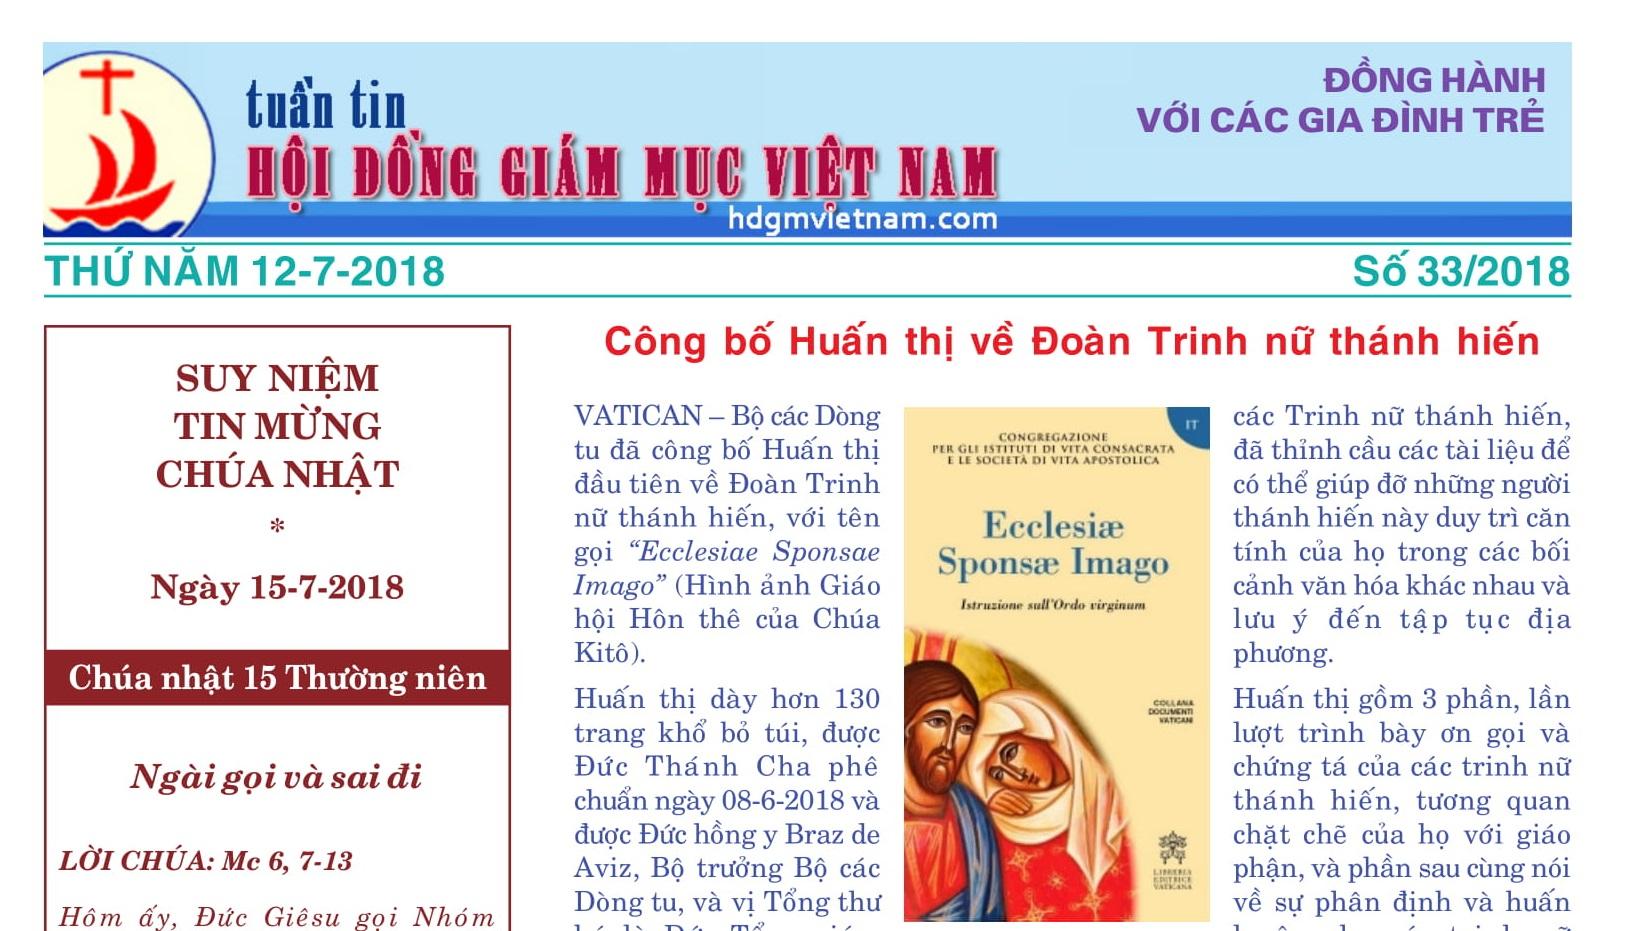 Tuần tin Hội đồng Giám mục Việt Nam số 33/2018